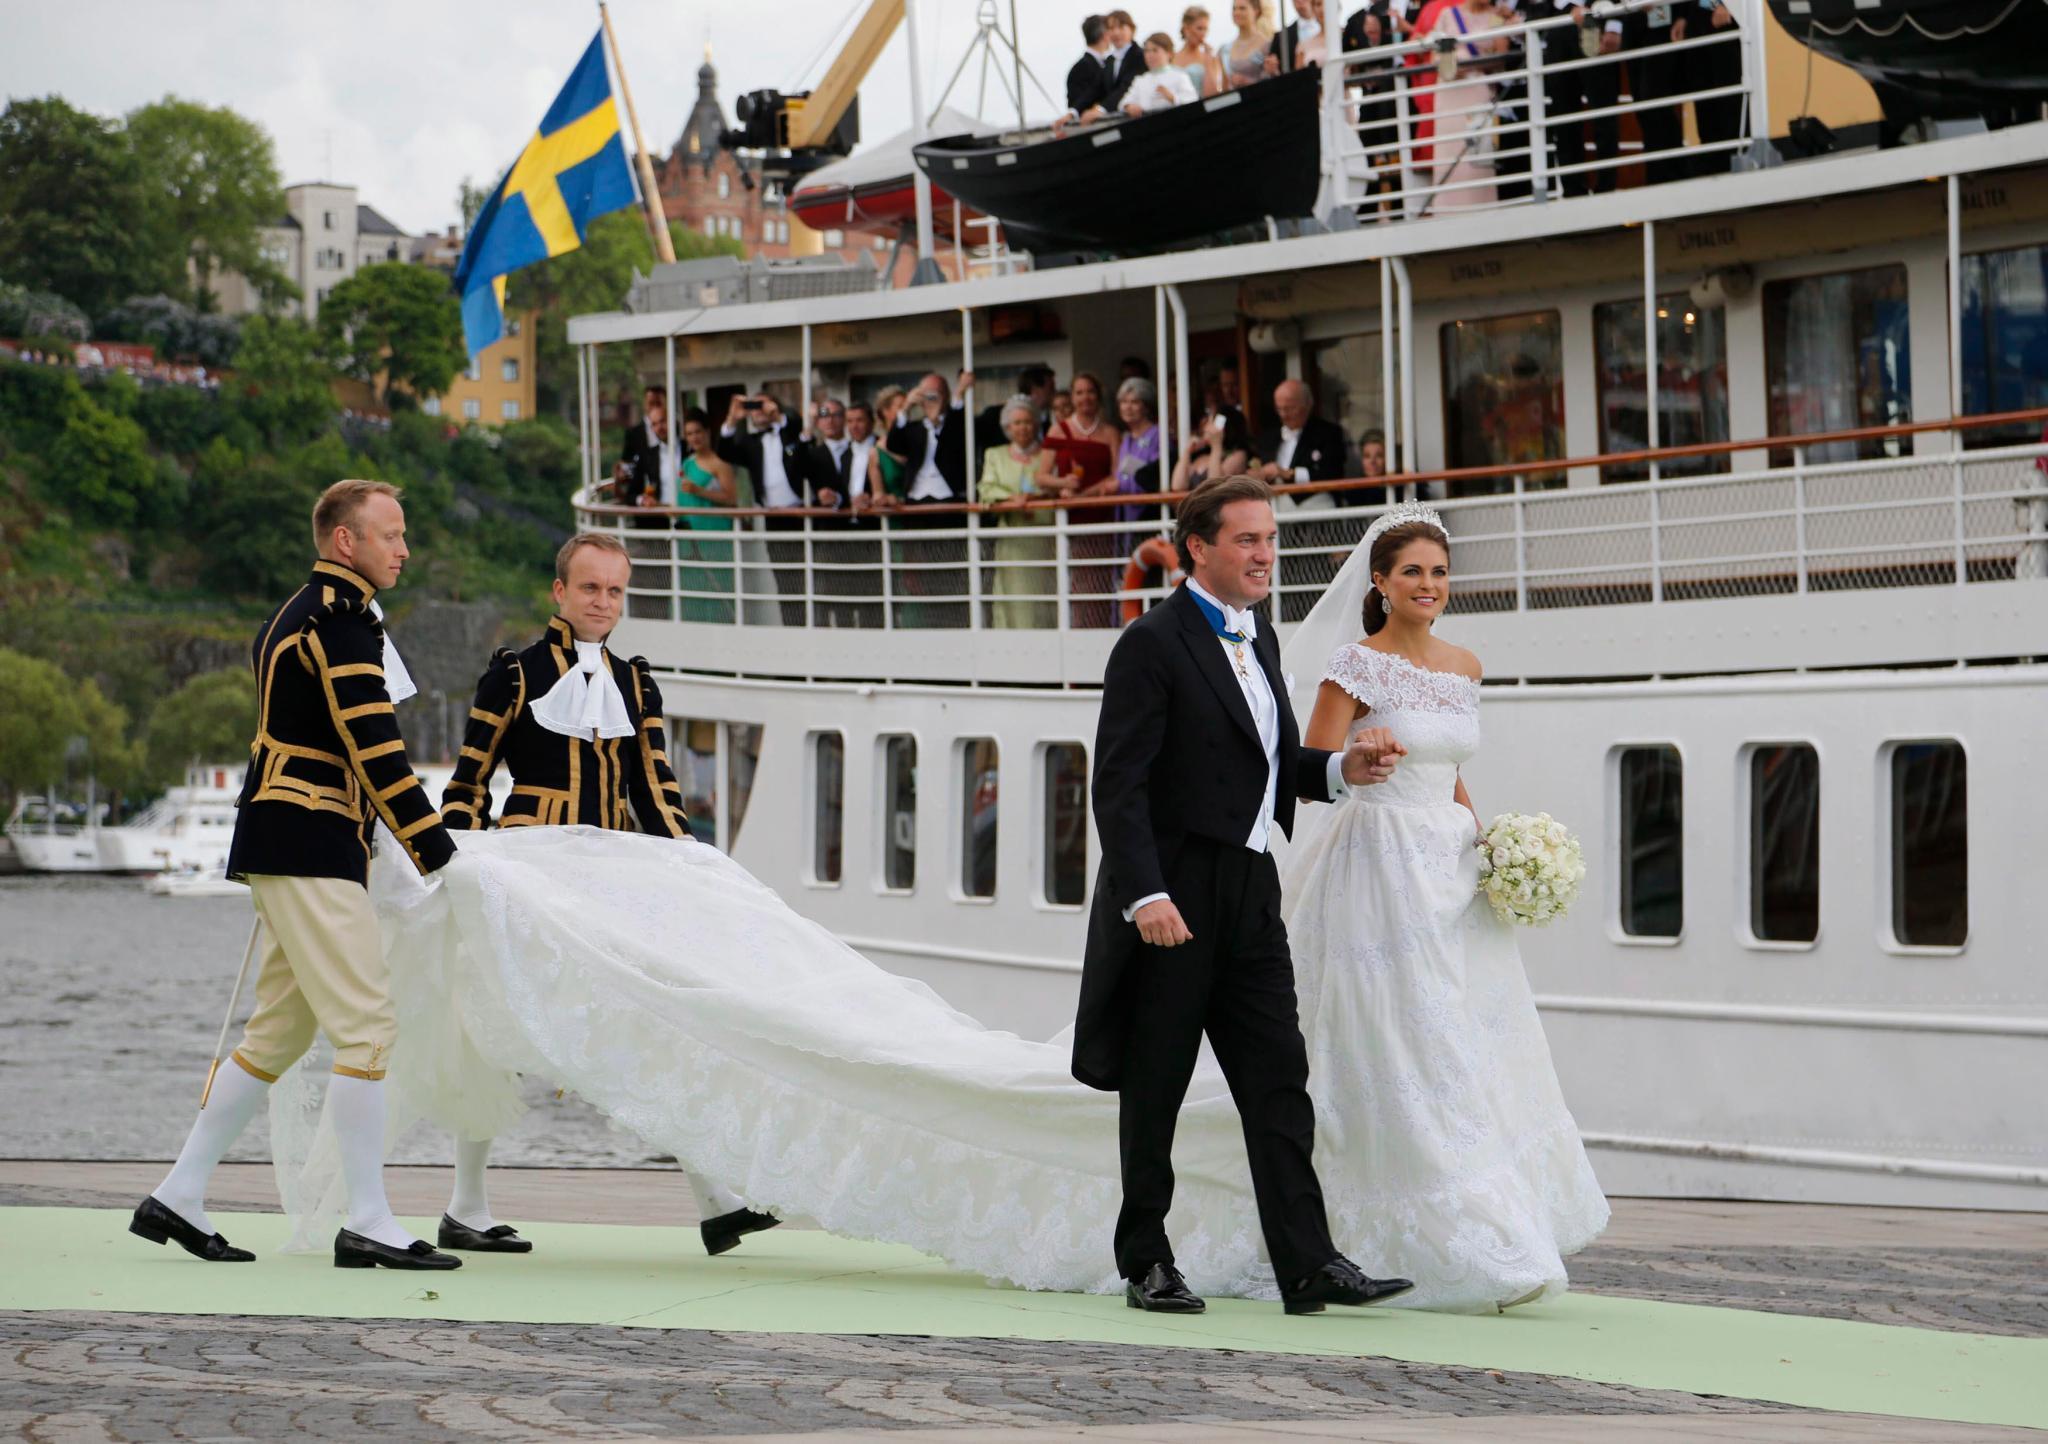 Nach der Kutsche geht's an Bord eines Dampfschiffes, auf dem schon viele Gäste auf das Brautpaar warten.